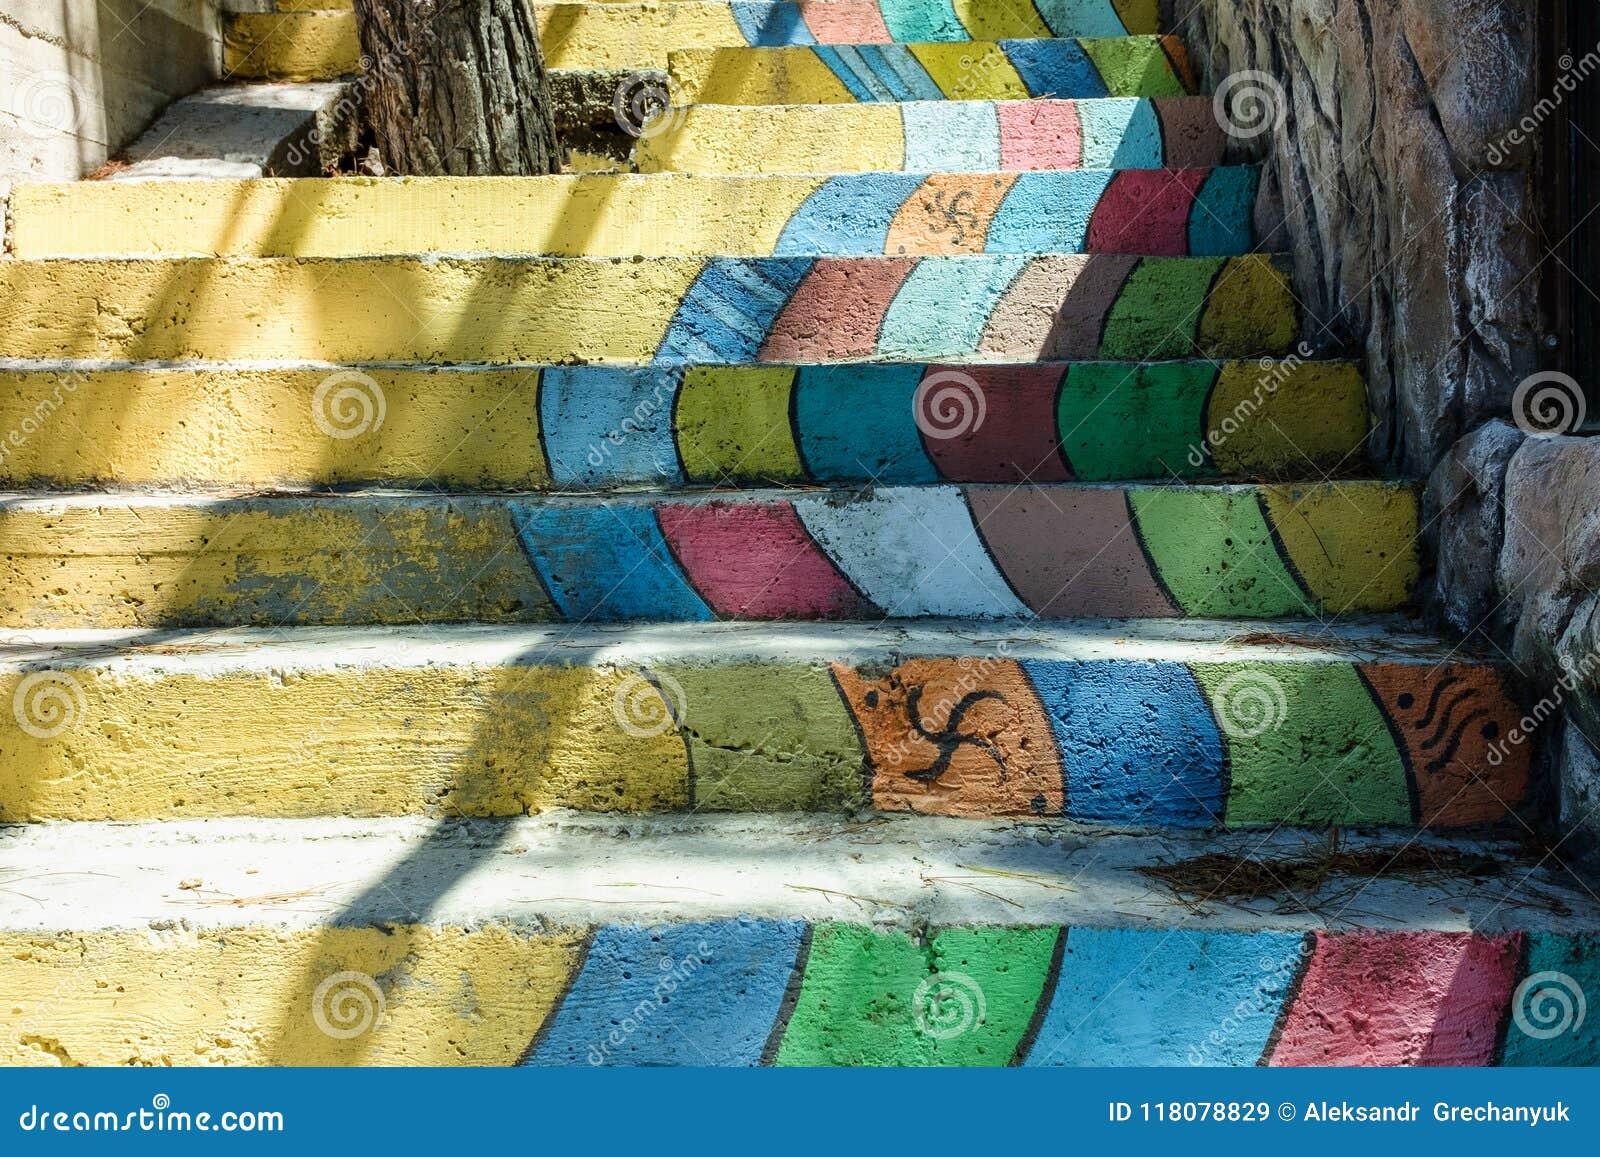 Escalera colorida de diversas de los colores escaleras del arco iris